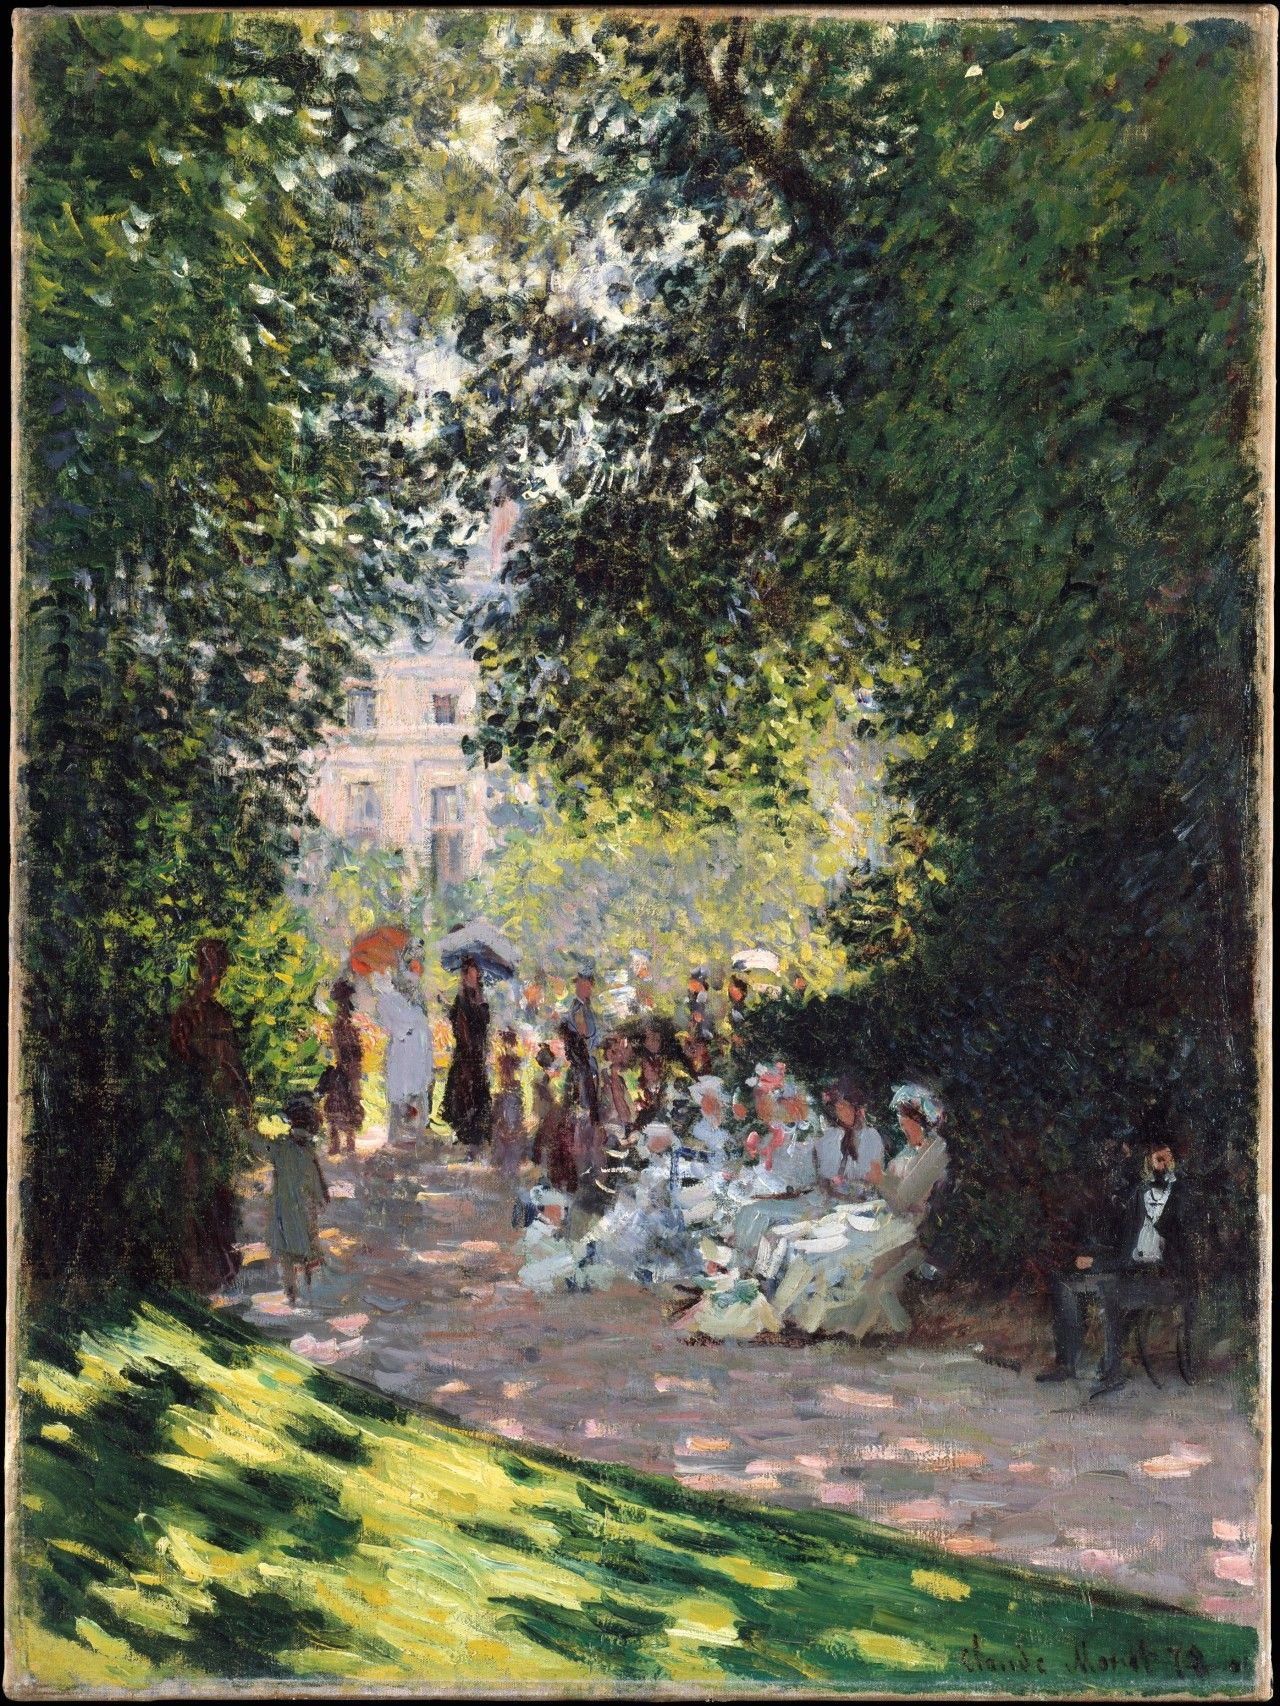 Claude Monet - The Parc Monceau - 1878 | Claude monet art, Monet art, Monet  paintings